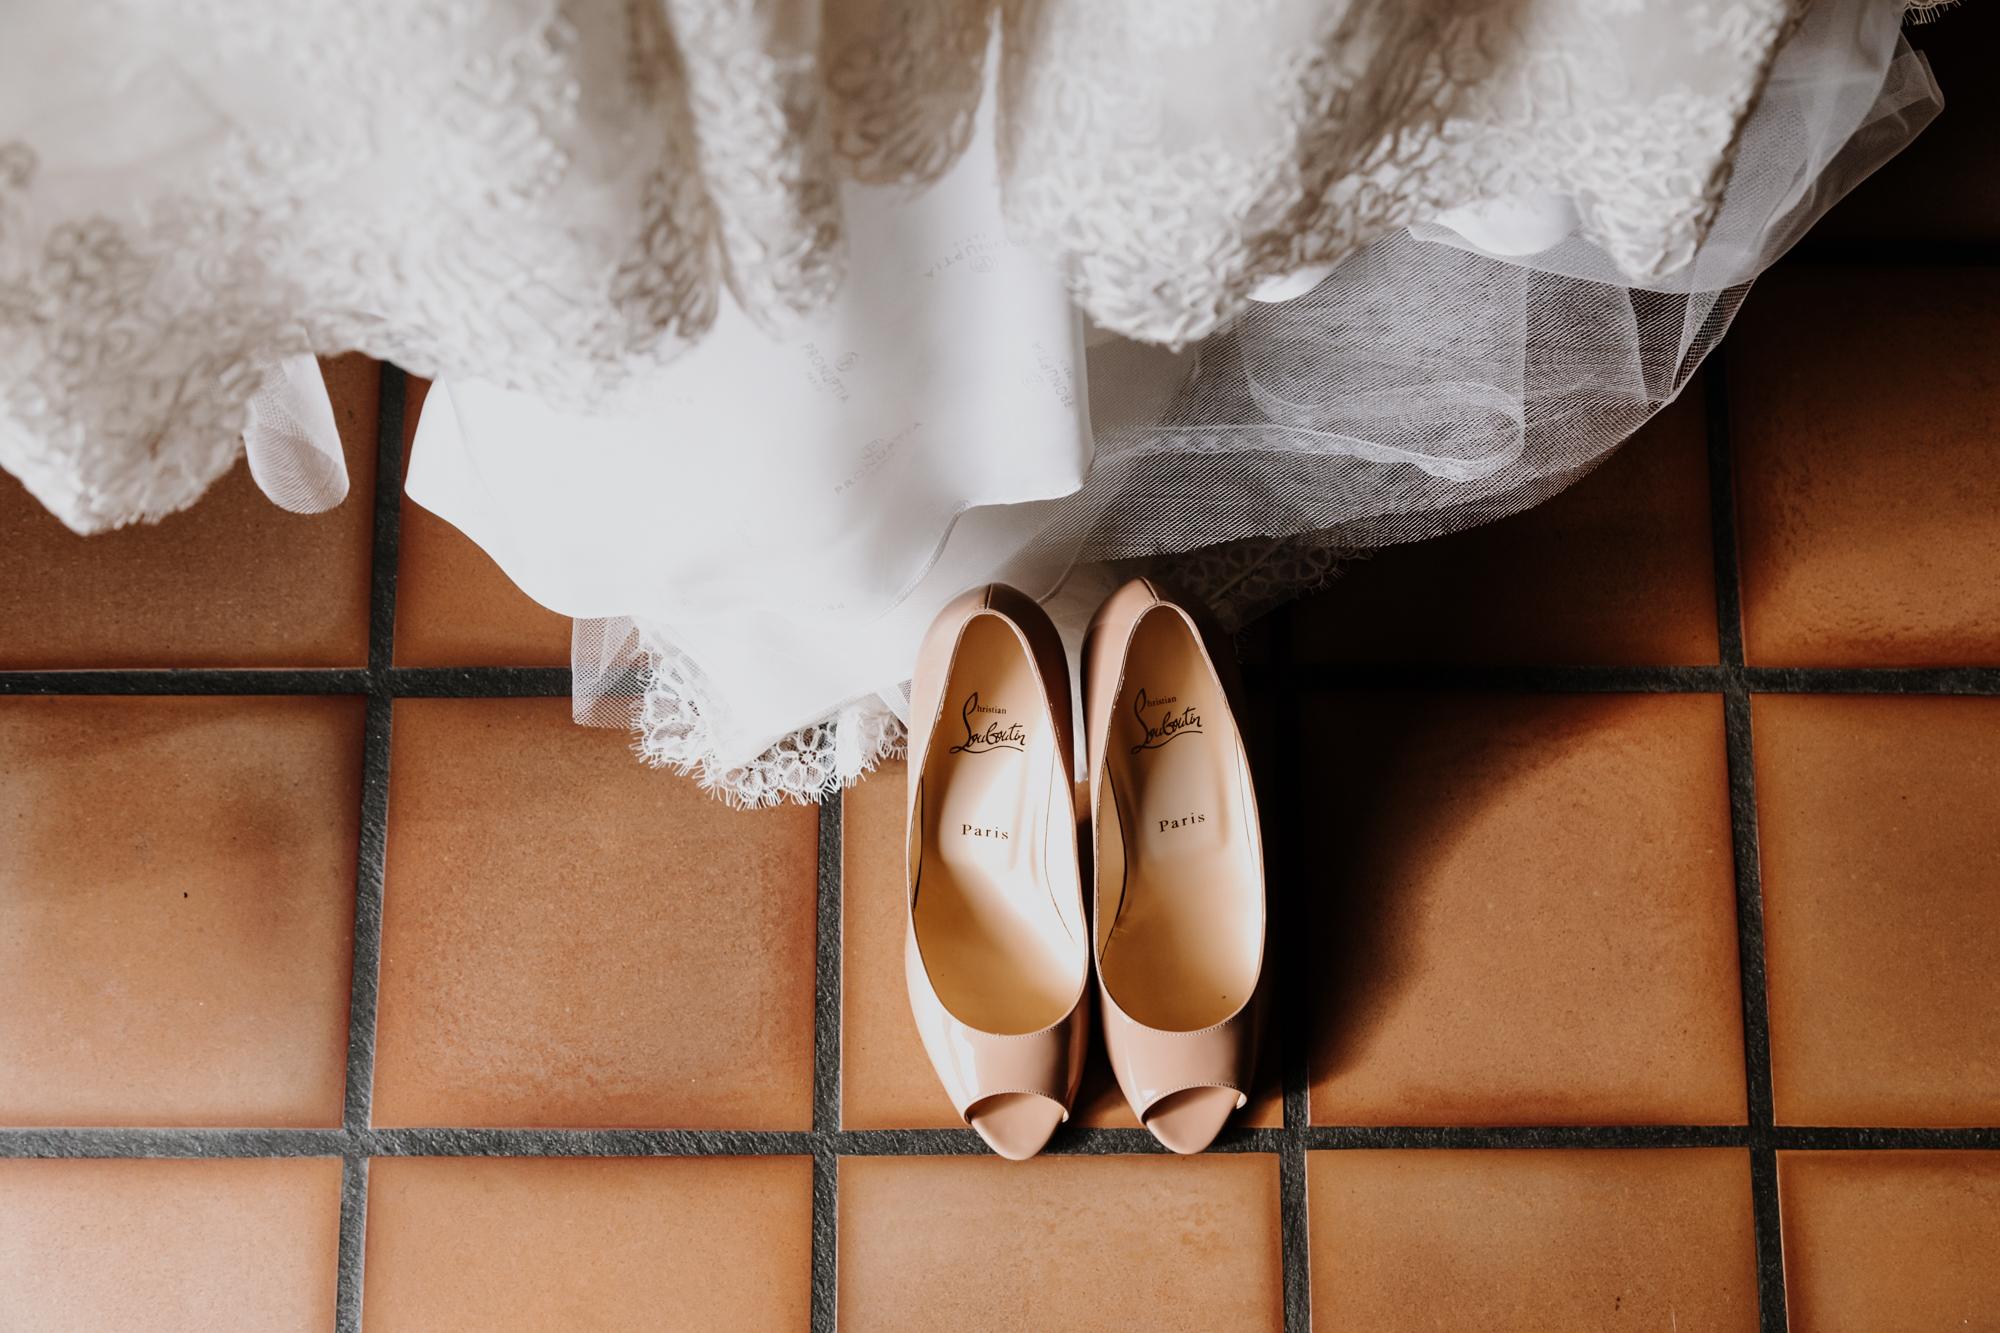 détail des chaussures louboutin et de la robe de la mariée